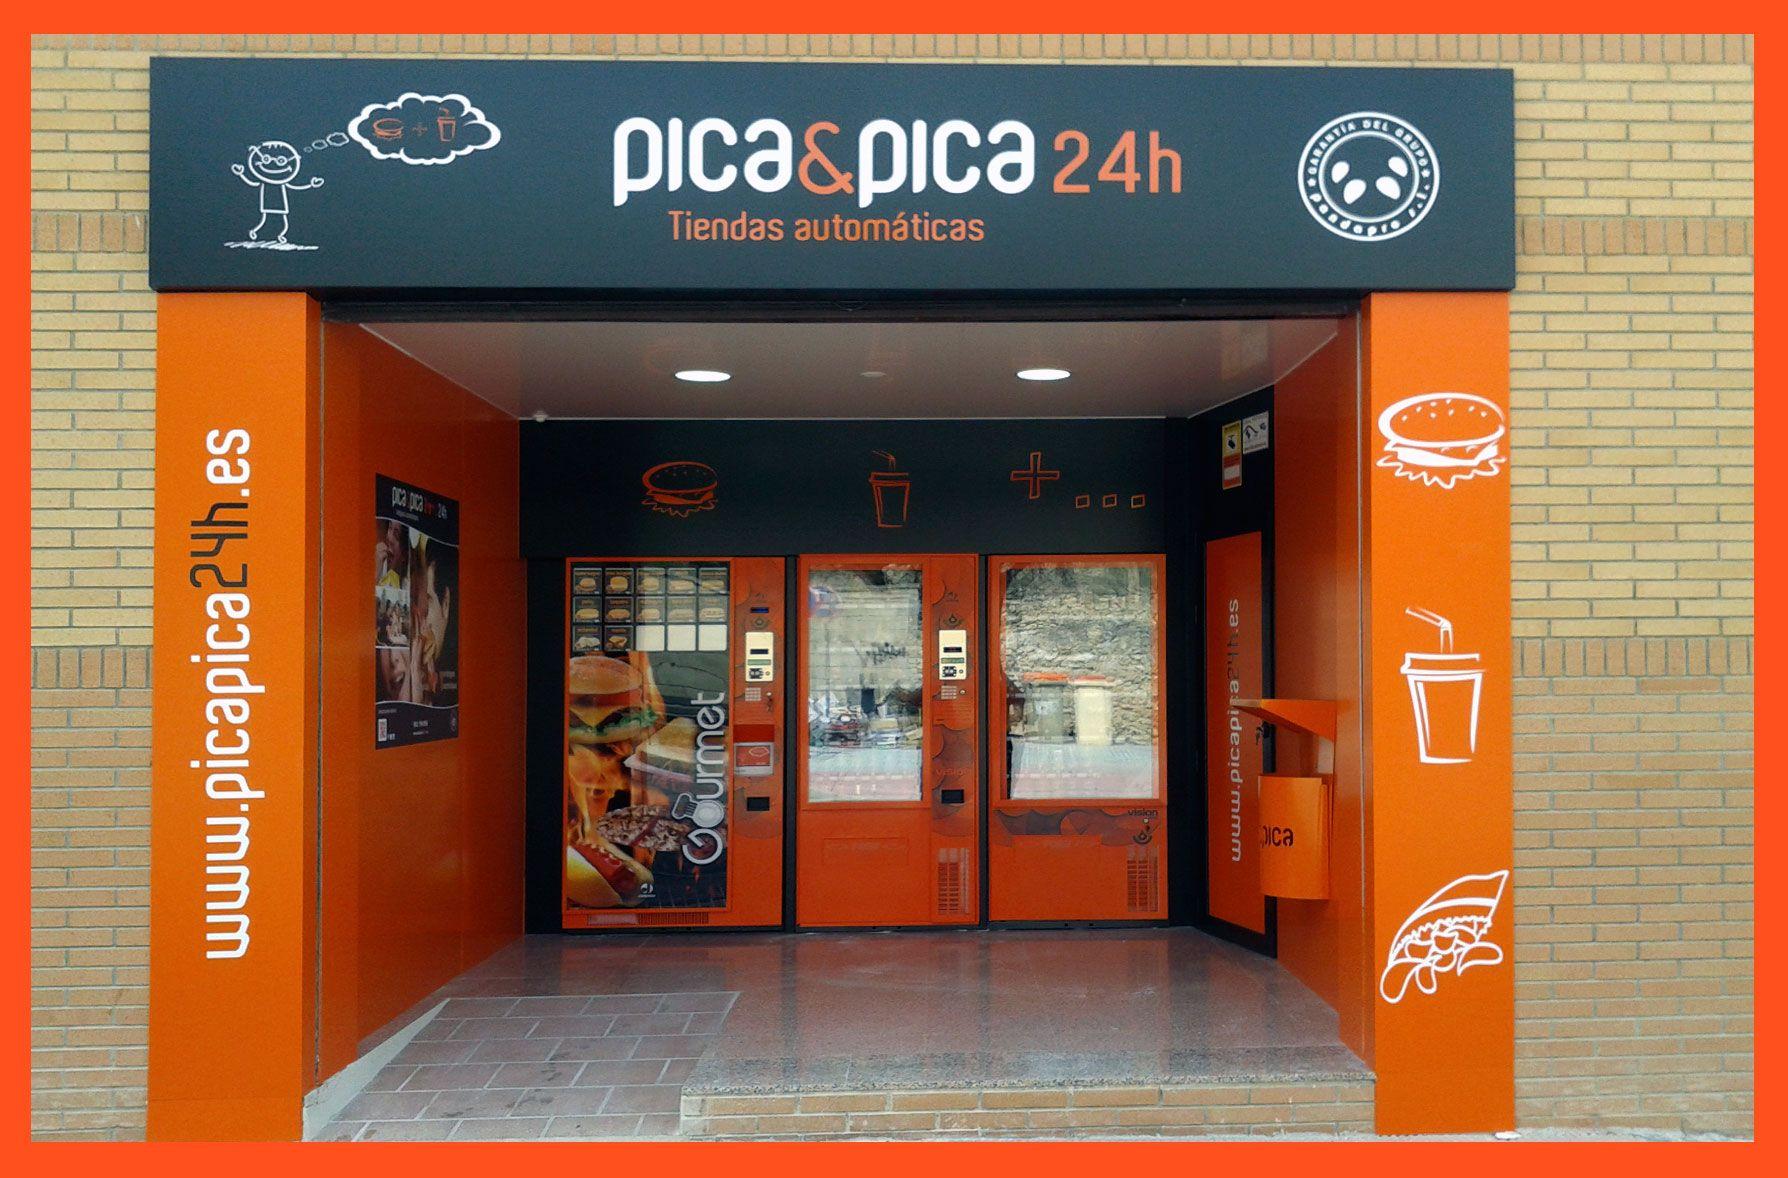 Tienda Pica Pica Biar Febrero 2014 Tiendas Galerias Murcia